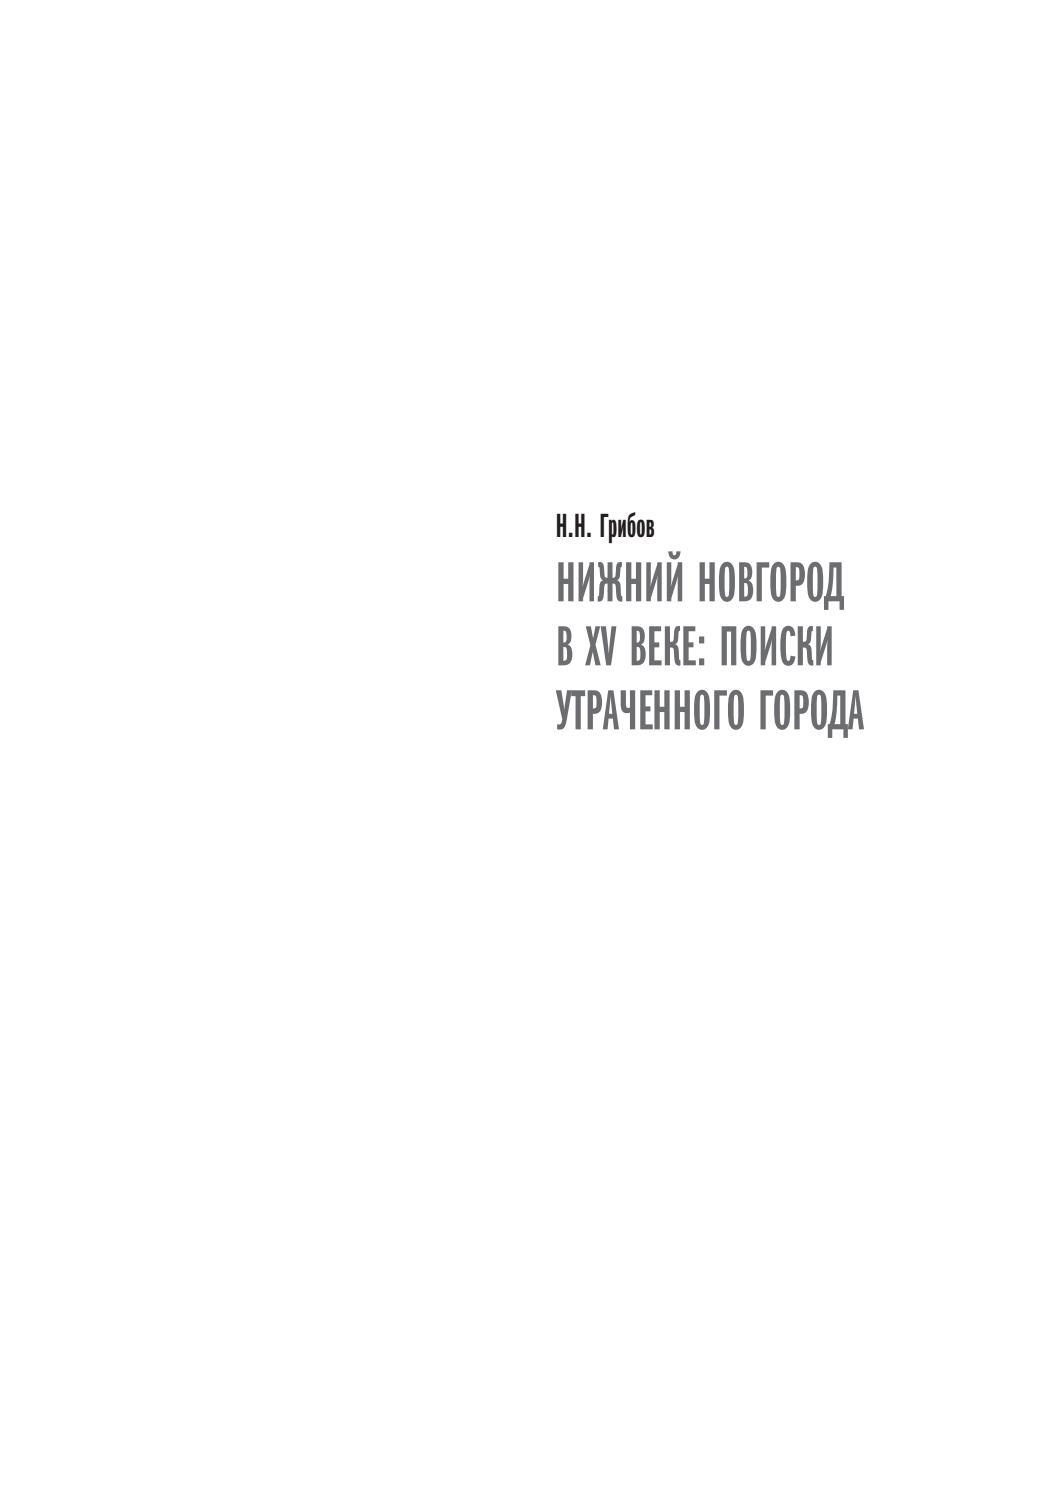 388016eeb98 Грибов Н.Н. Нижний Новгород в xv веке  поиски утраченного города  Часть I   by Institute of Archaeology RAS - issuu